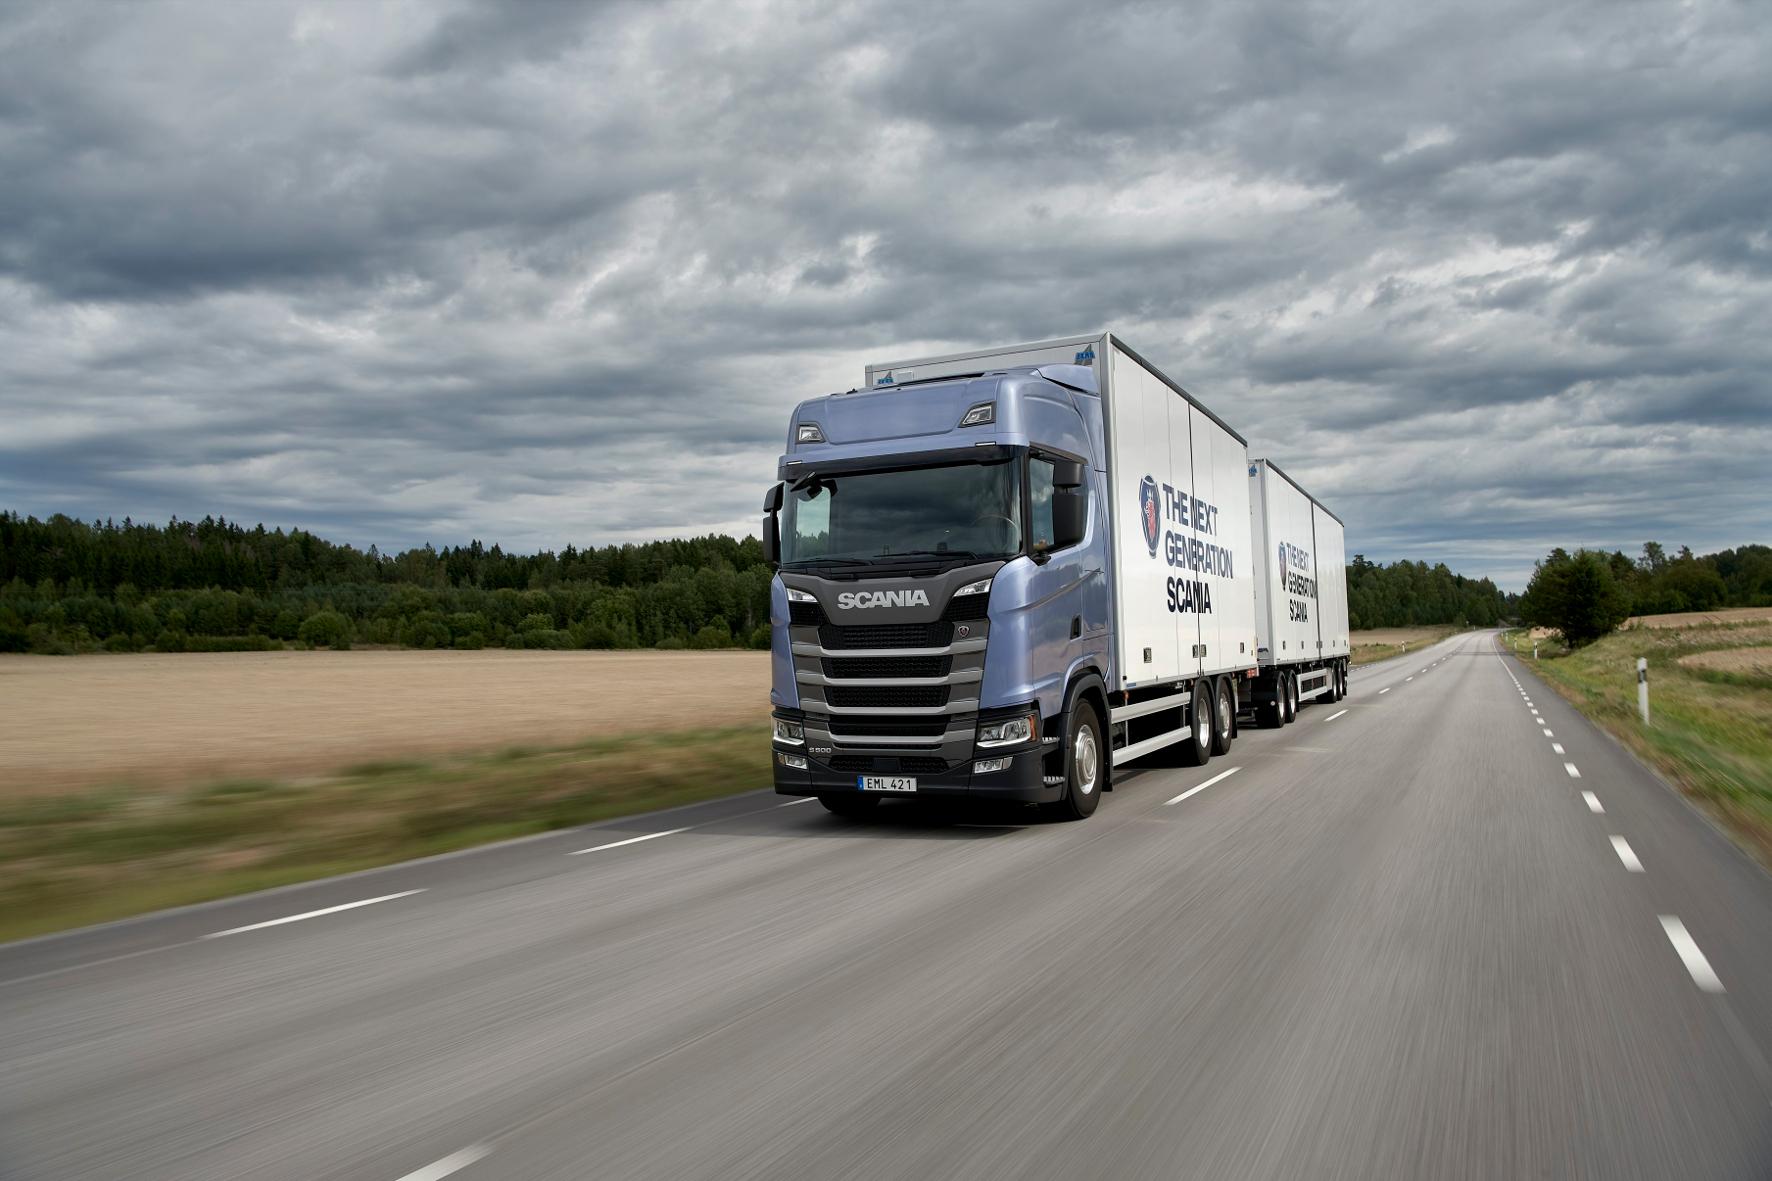 mid Groß-Gerau - Scania's next Generation: Eine komplett neuentwickelte Fahrzeugfamilie, die eine Ähnlichkeit mit den Vorgängermodellen nicht verleugnen kann